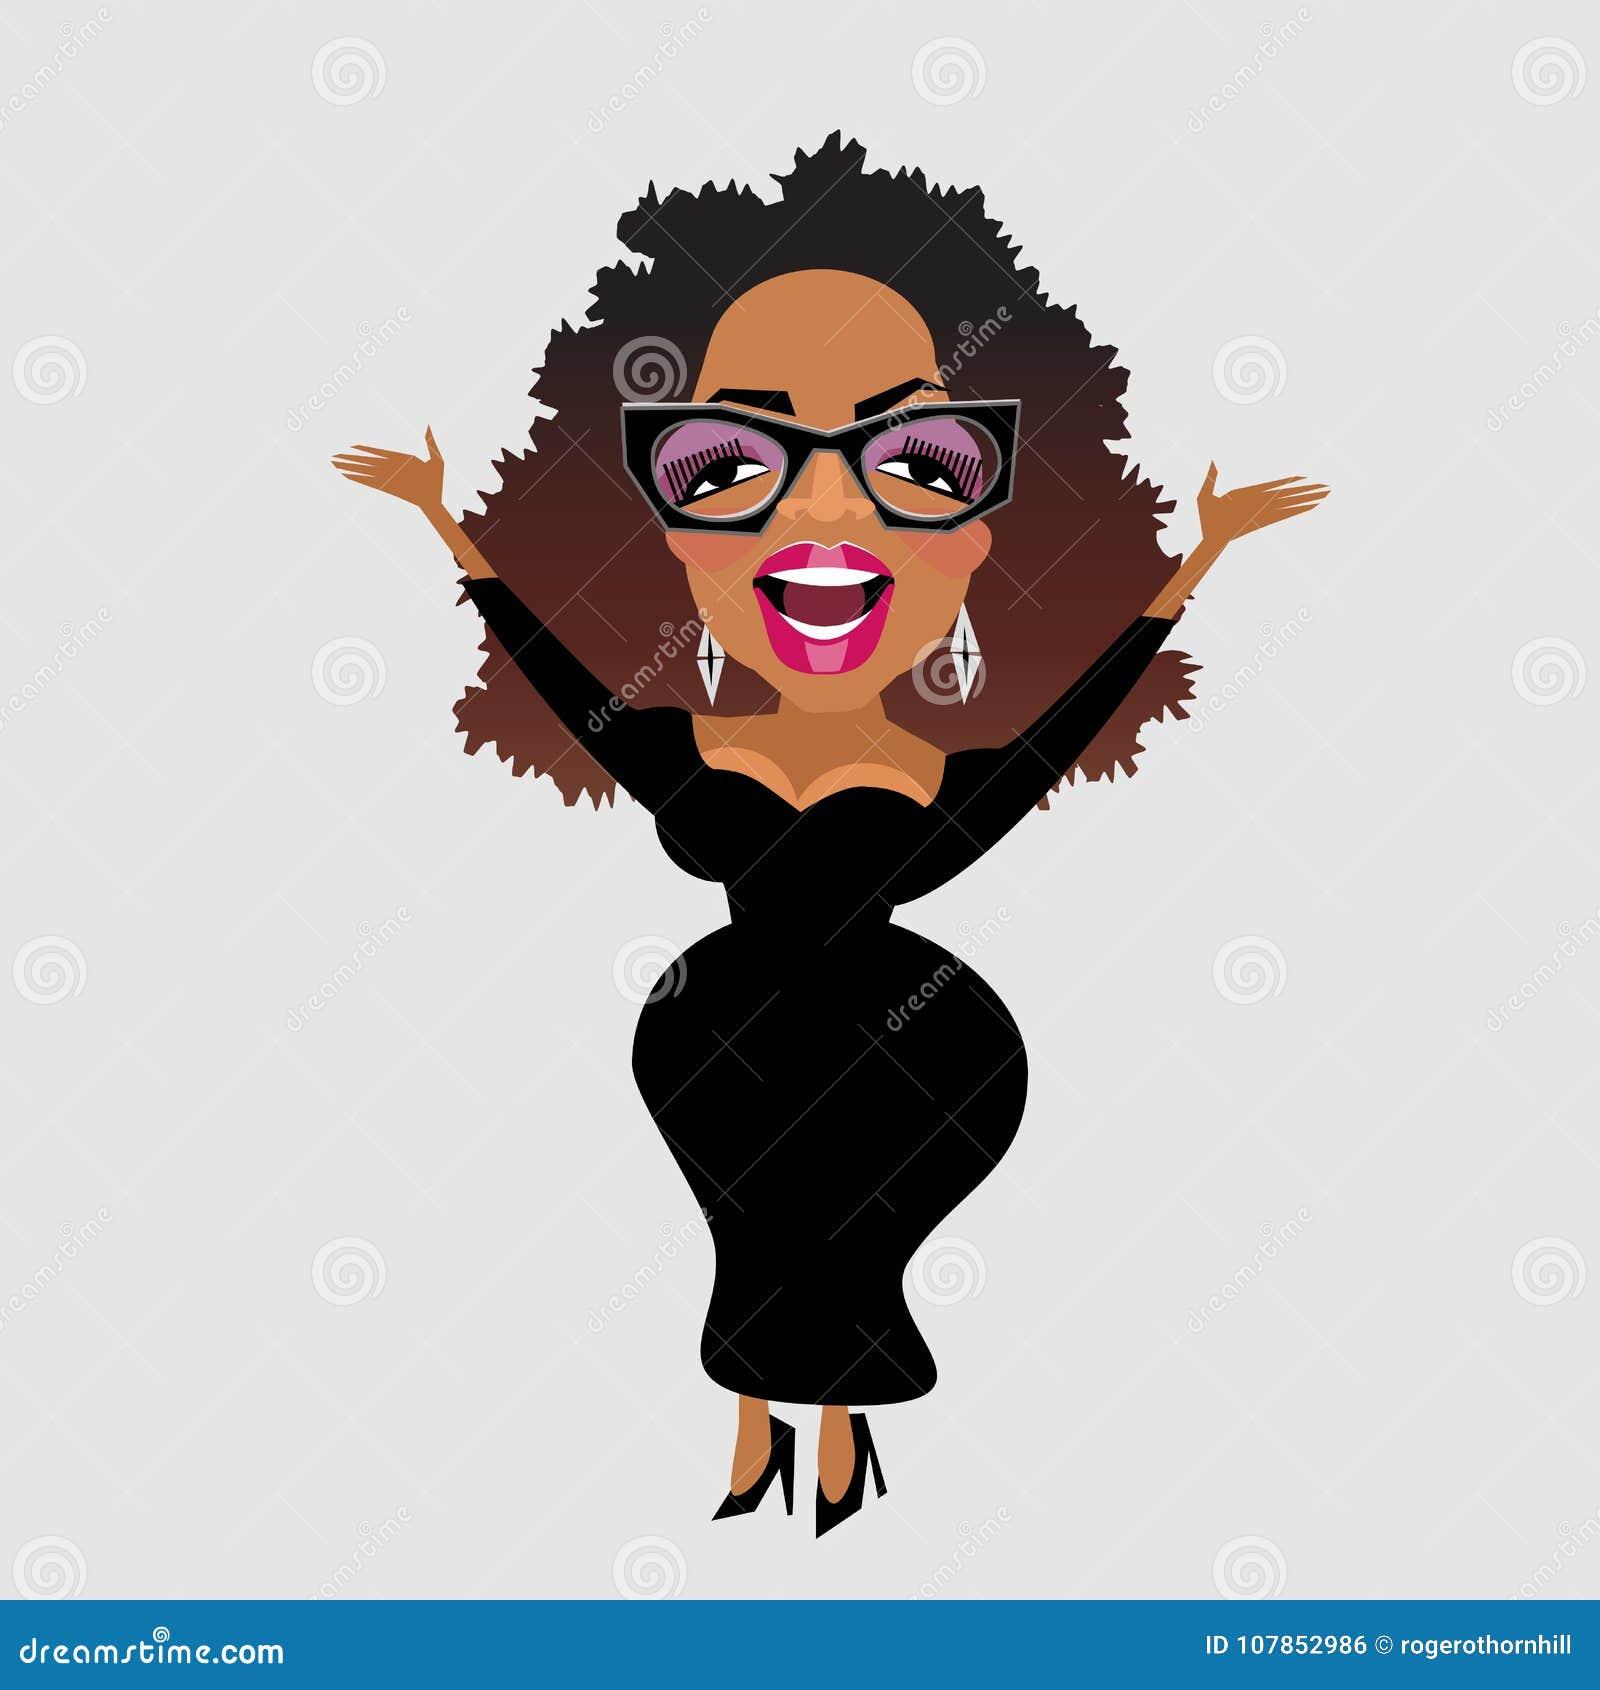 Caricatura de la celebridad Oprah Winfrey